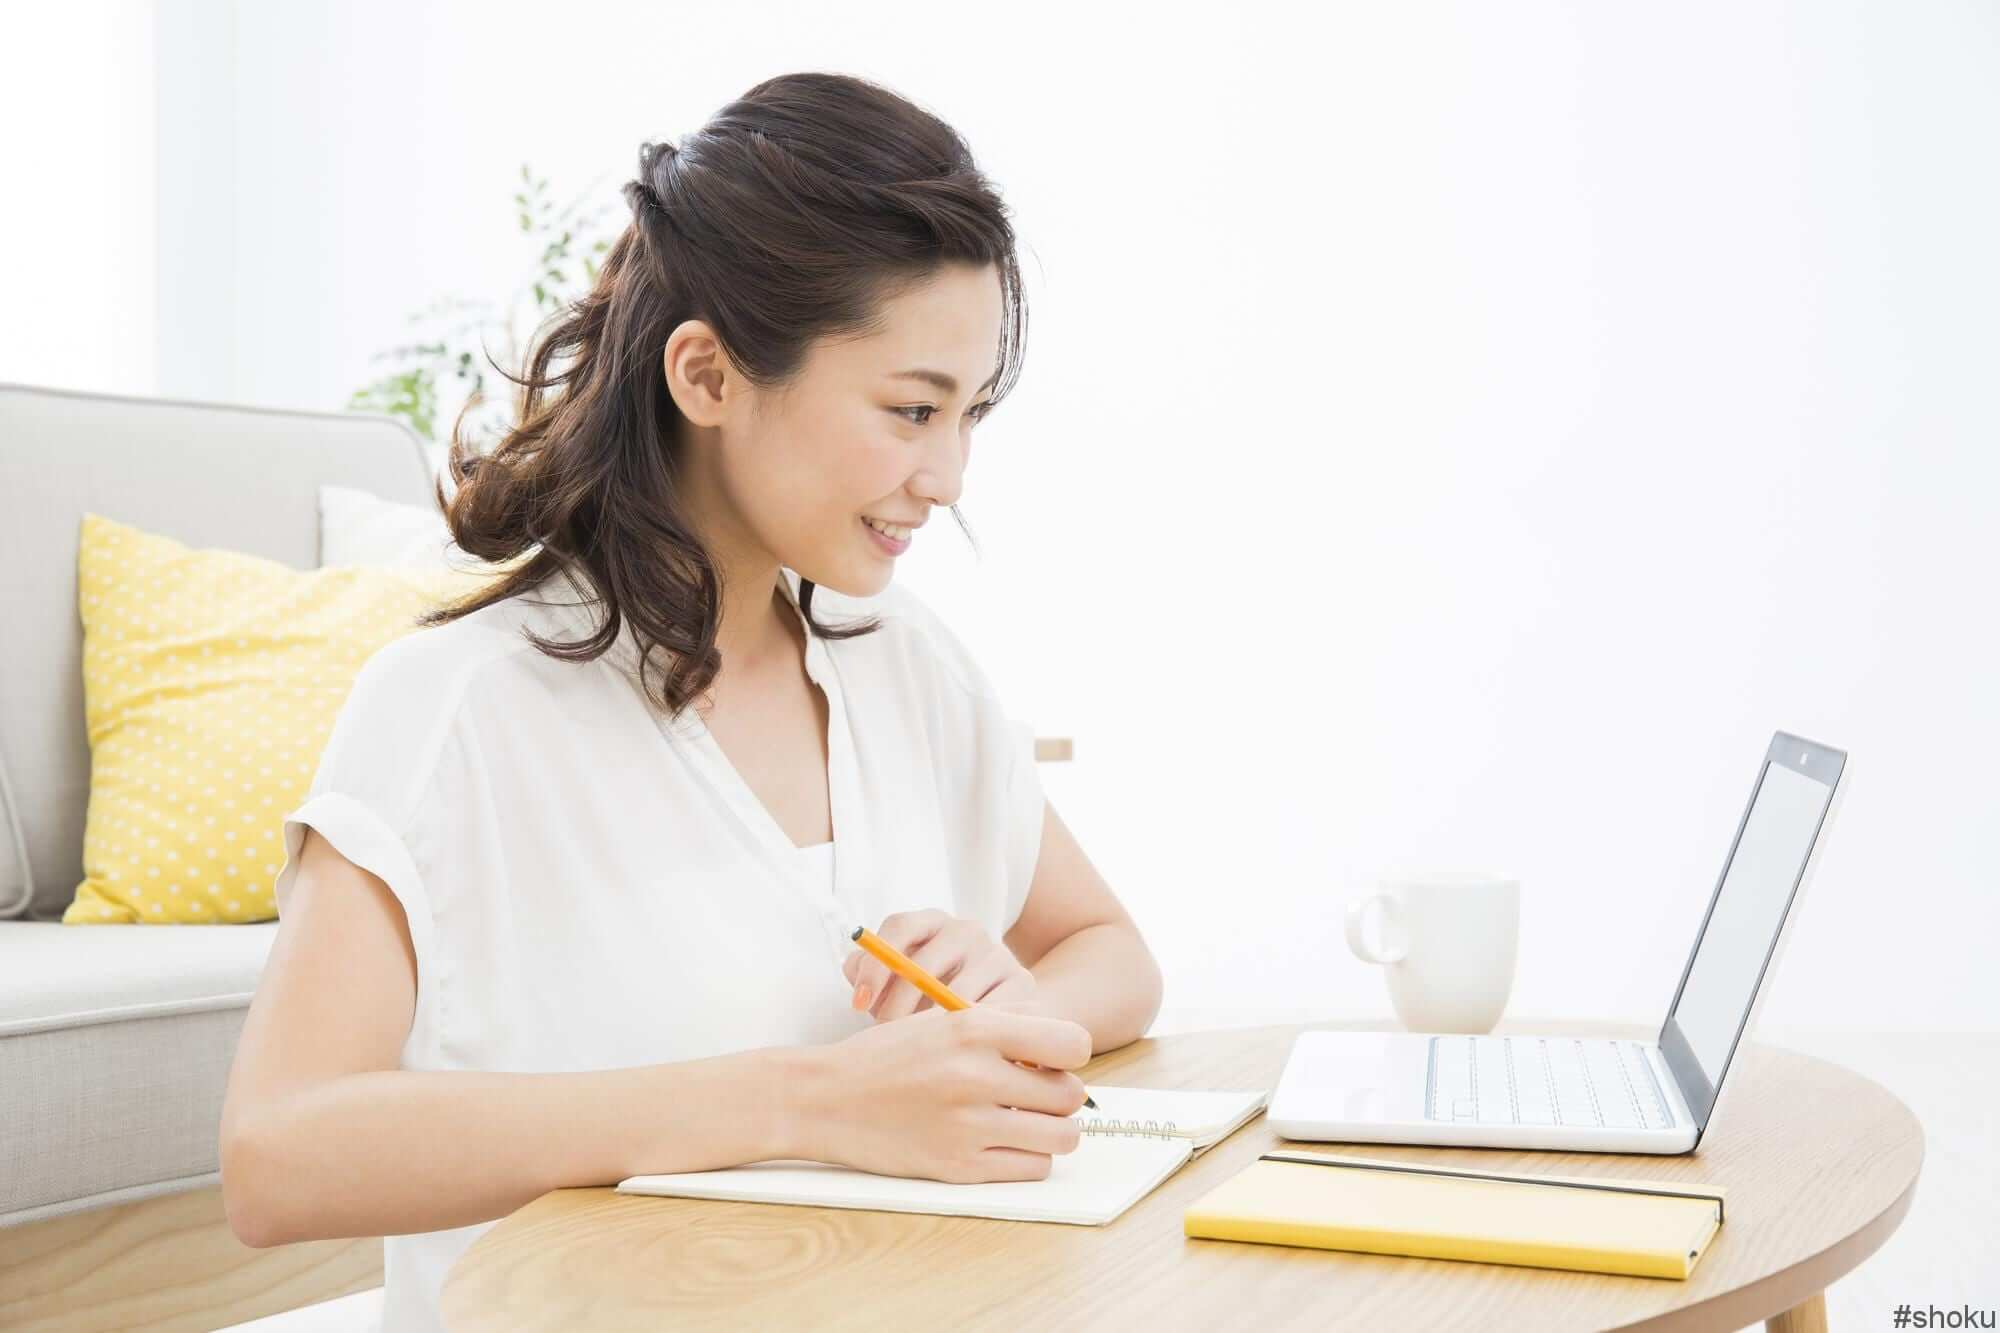 派遣会社のオンライン登録を行う女性